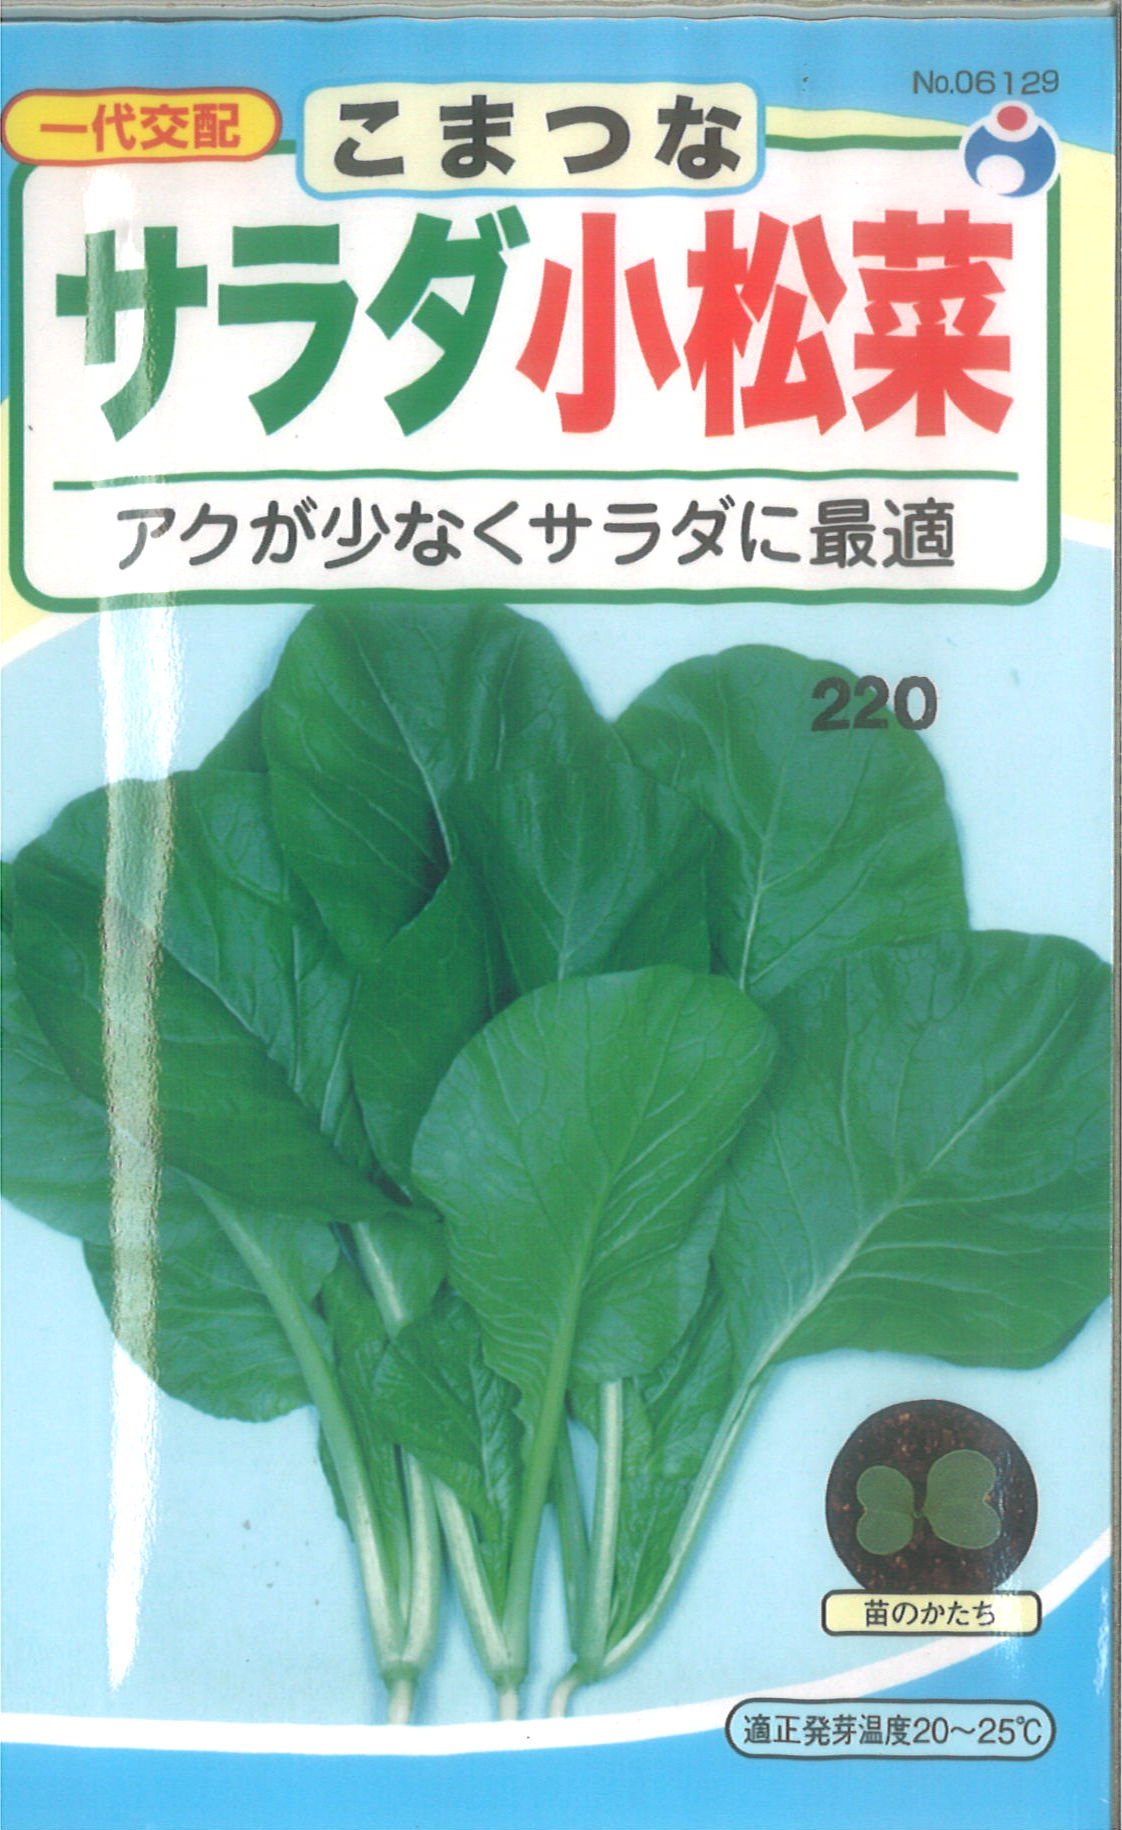 ≪代引不可≫≪5袋まで送料80円≫ □コマツナサラダ小松菜